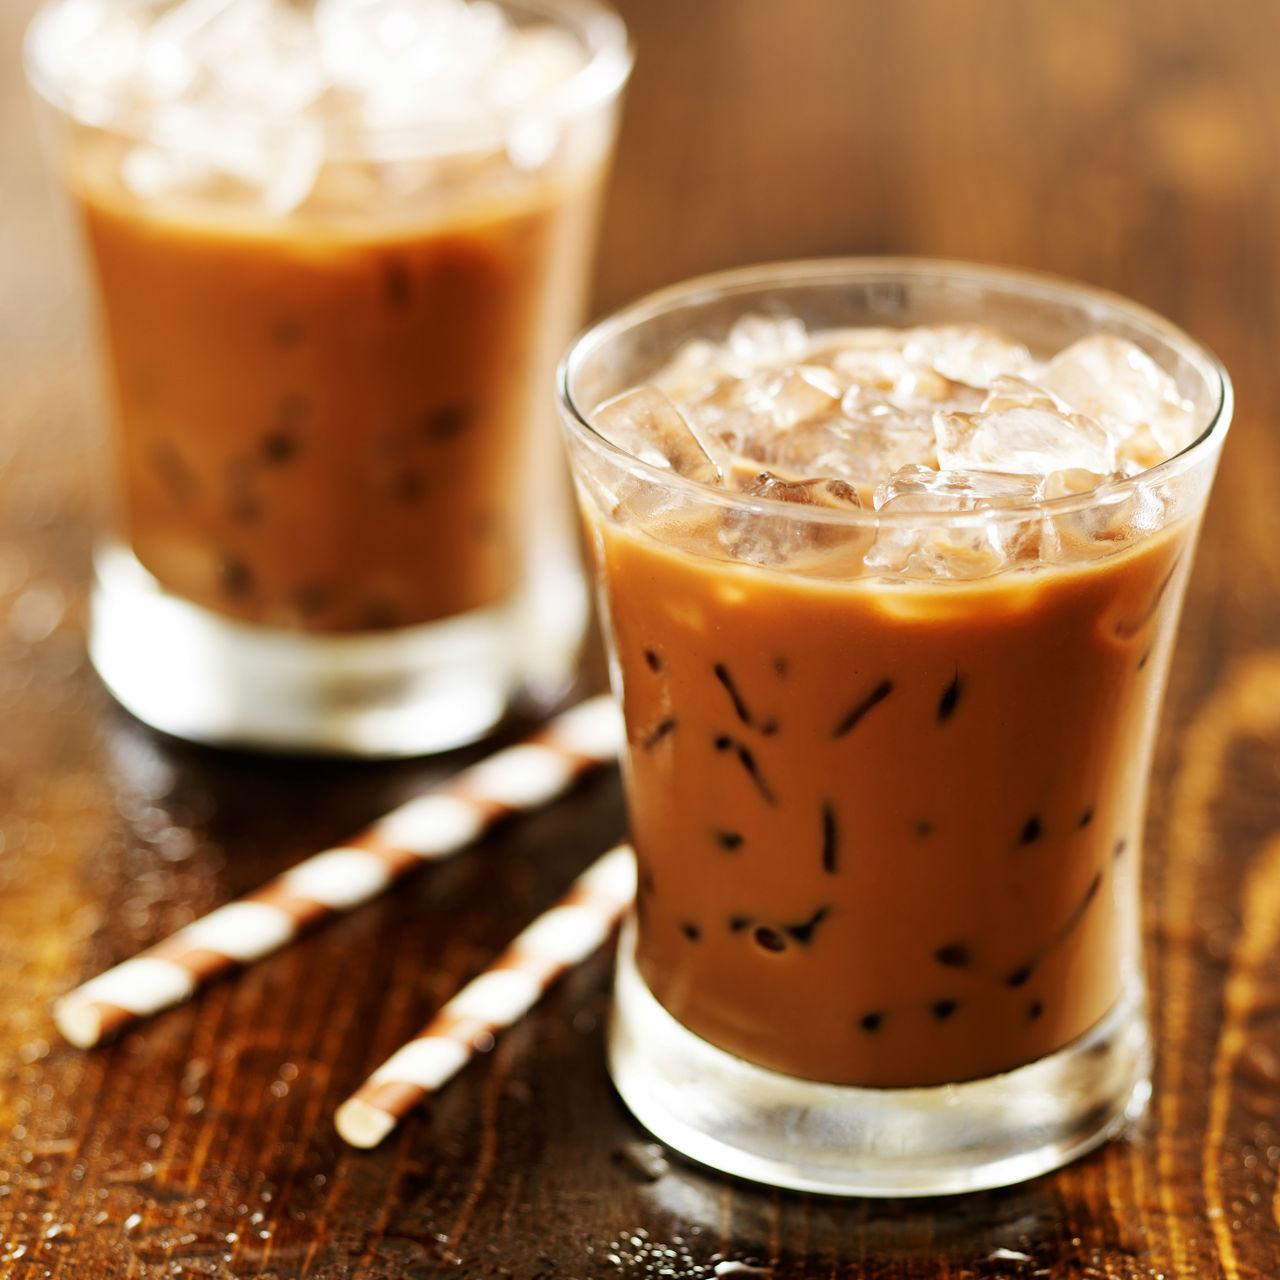 Authentic Thai Tea Preparation